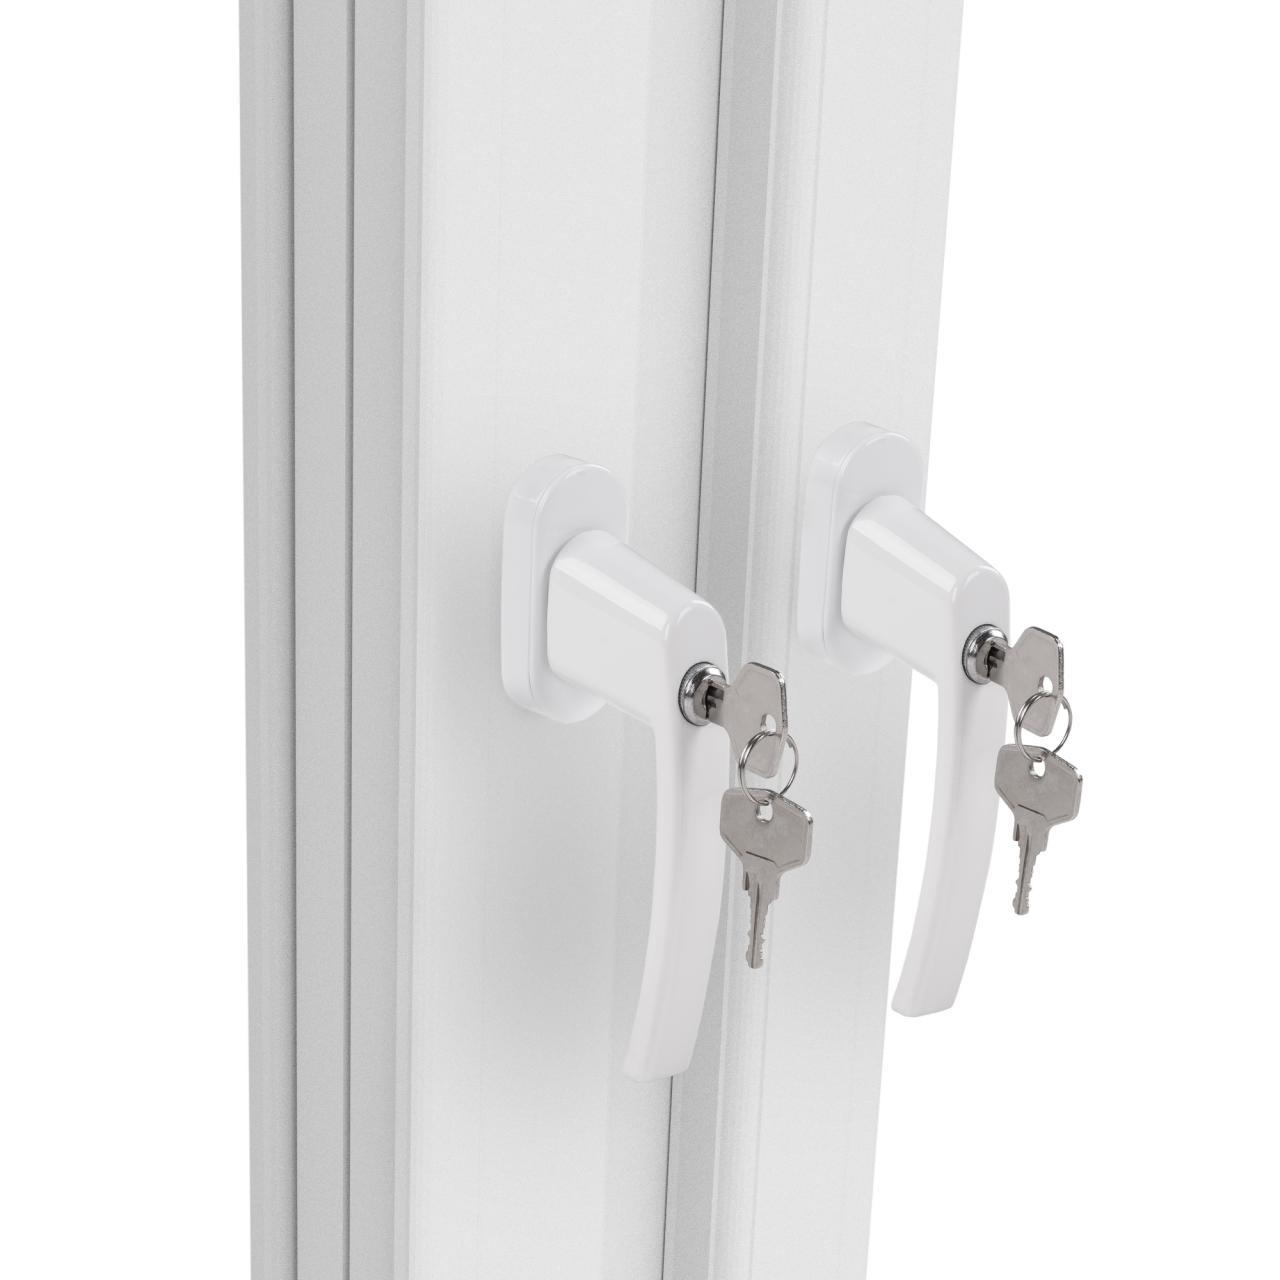 4 fenstergriffe abschlie bar sicherheitsfenstergriff fensterklinke mit schloss ebay. Black Bedroom Furniture Sets. Home Design Ideas